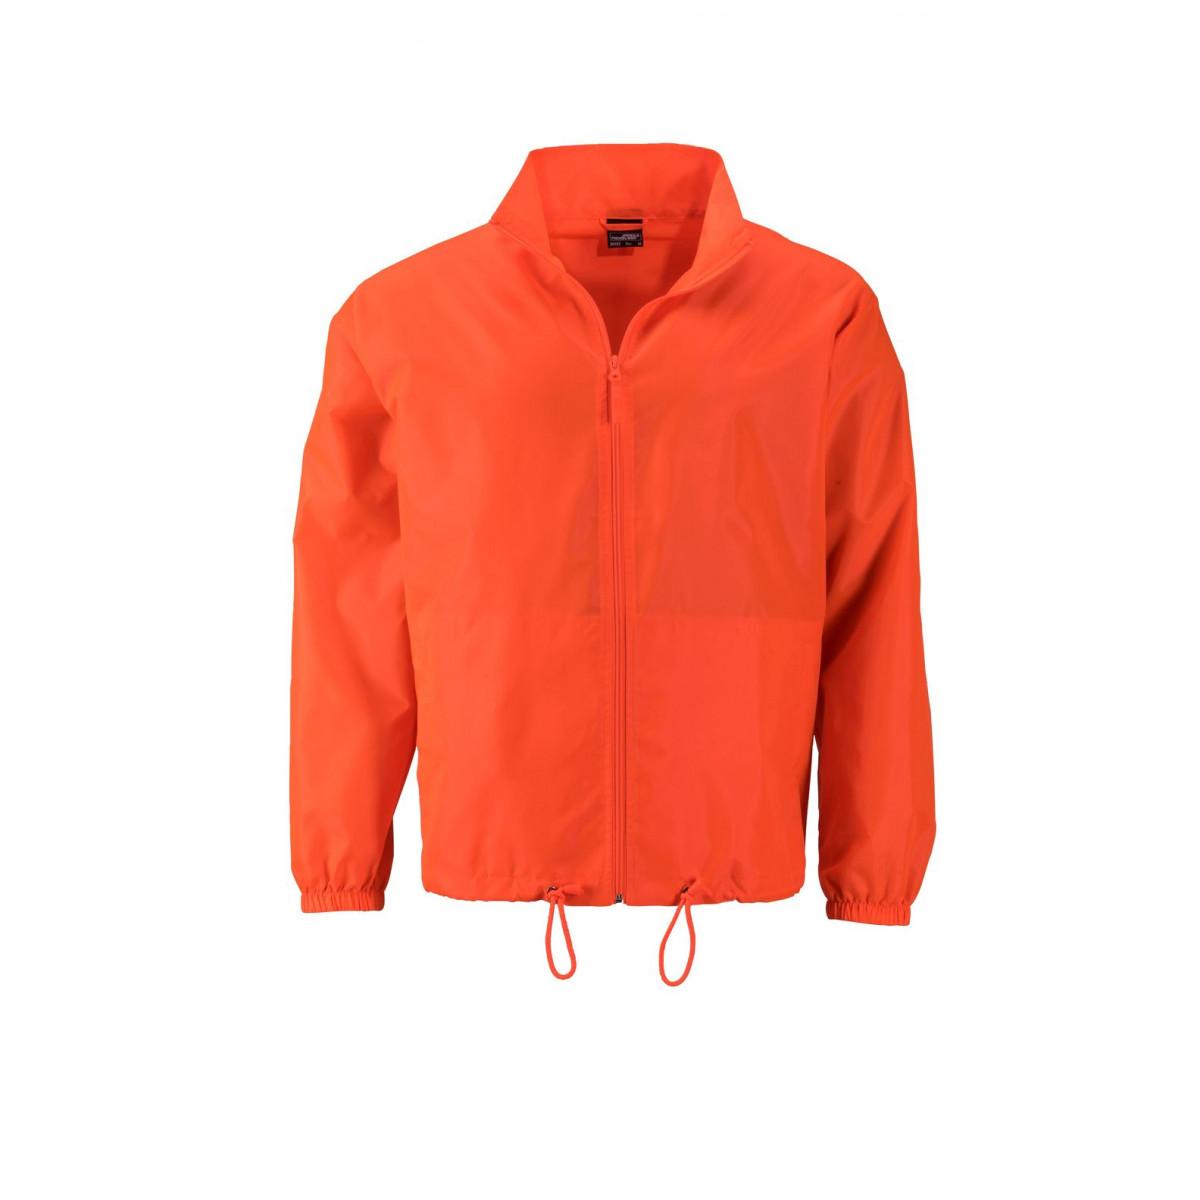 Куртка мужская JN1132 Mens Promo Jacket - Ярко-оранжевый